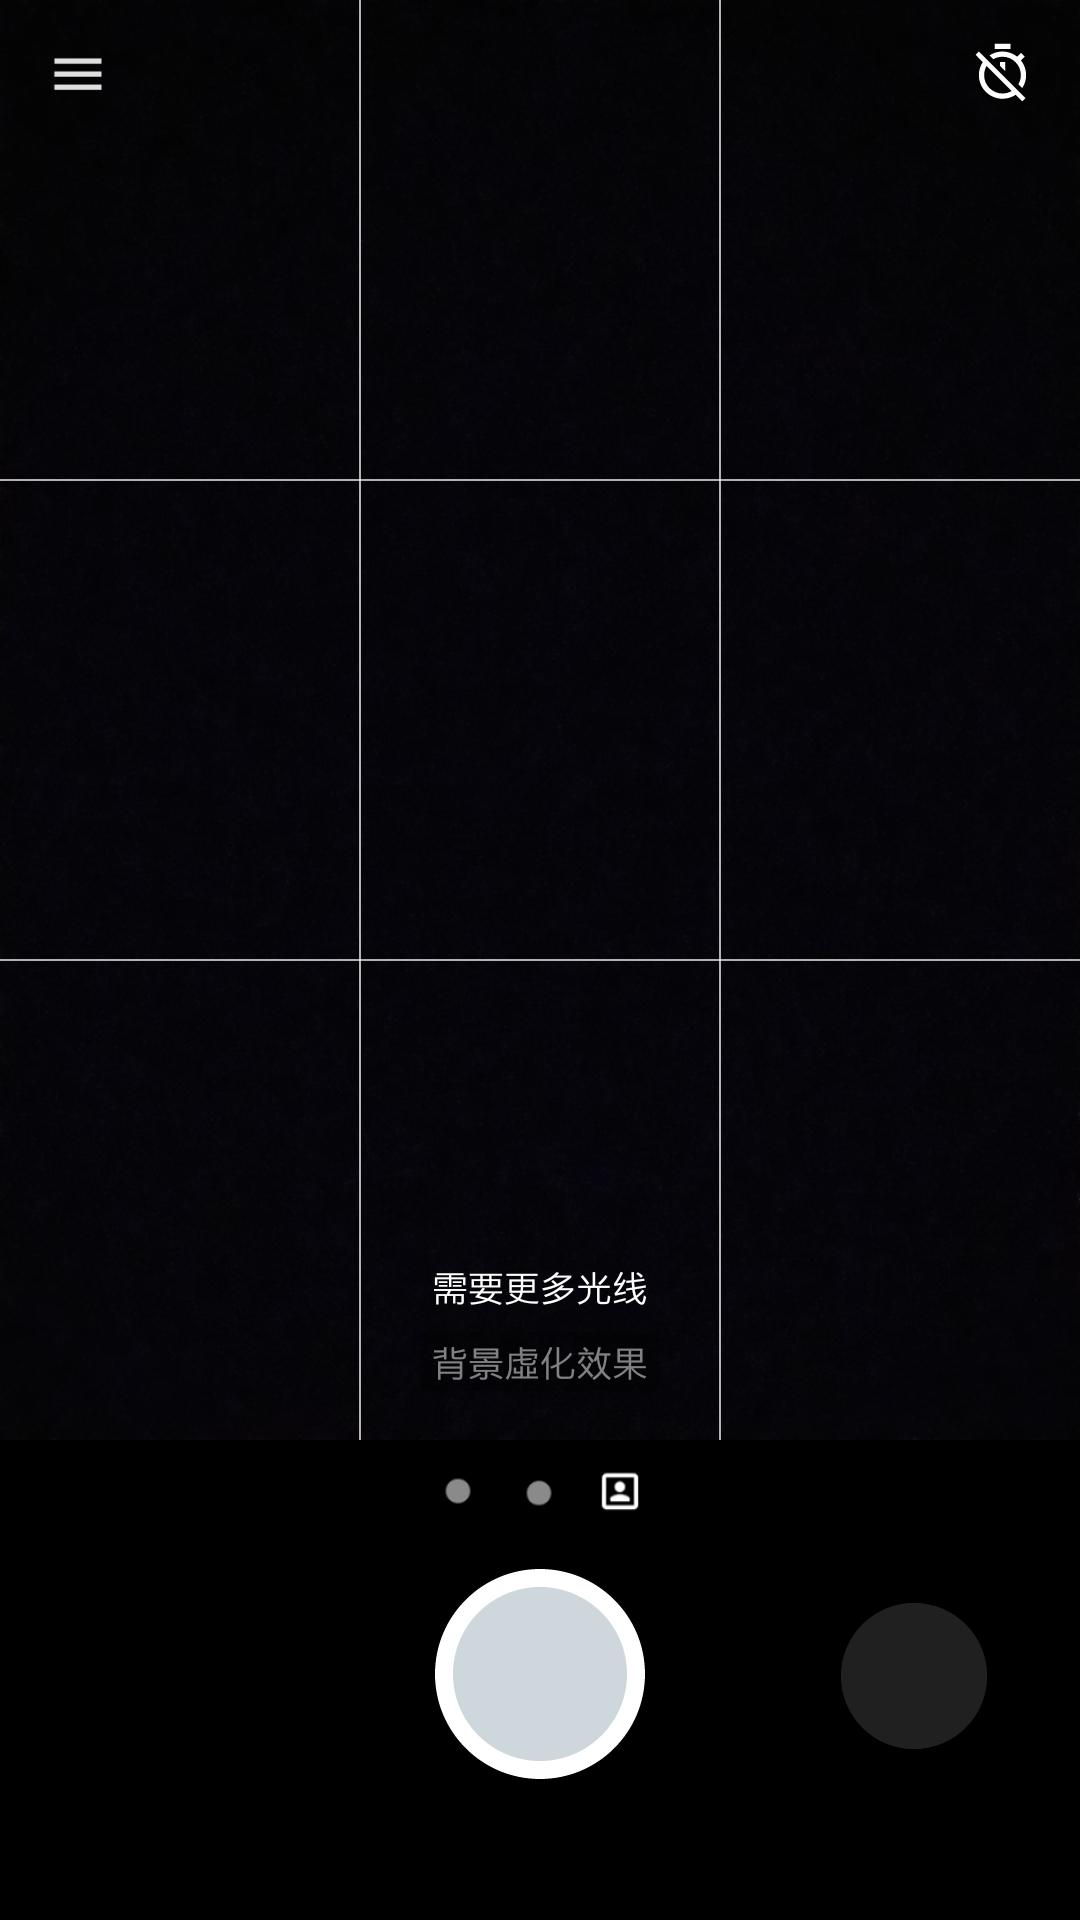 Screenshot_20171215-181209.jpg